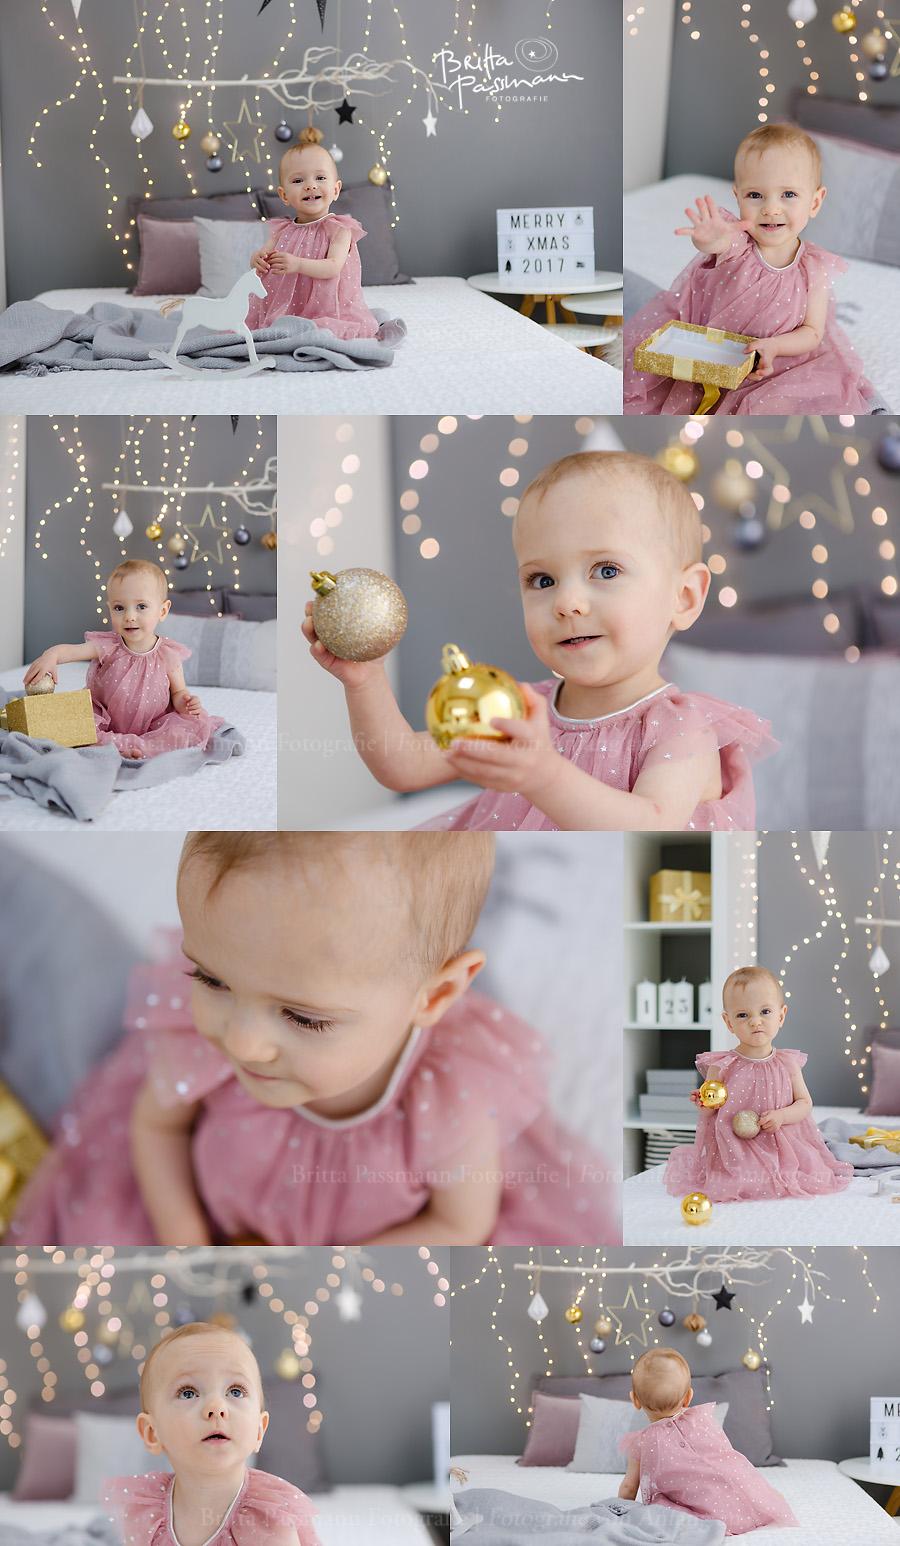 Weihnachtsfotos-Geschenke_zu_Weihnachten-Kinderfotos-Babyfotos-Fotostudio-Dortmund-Bochum-Unna-16